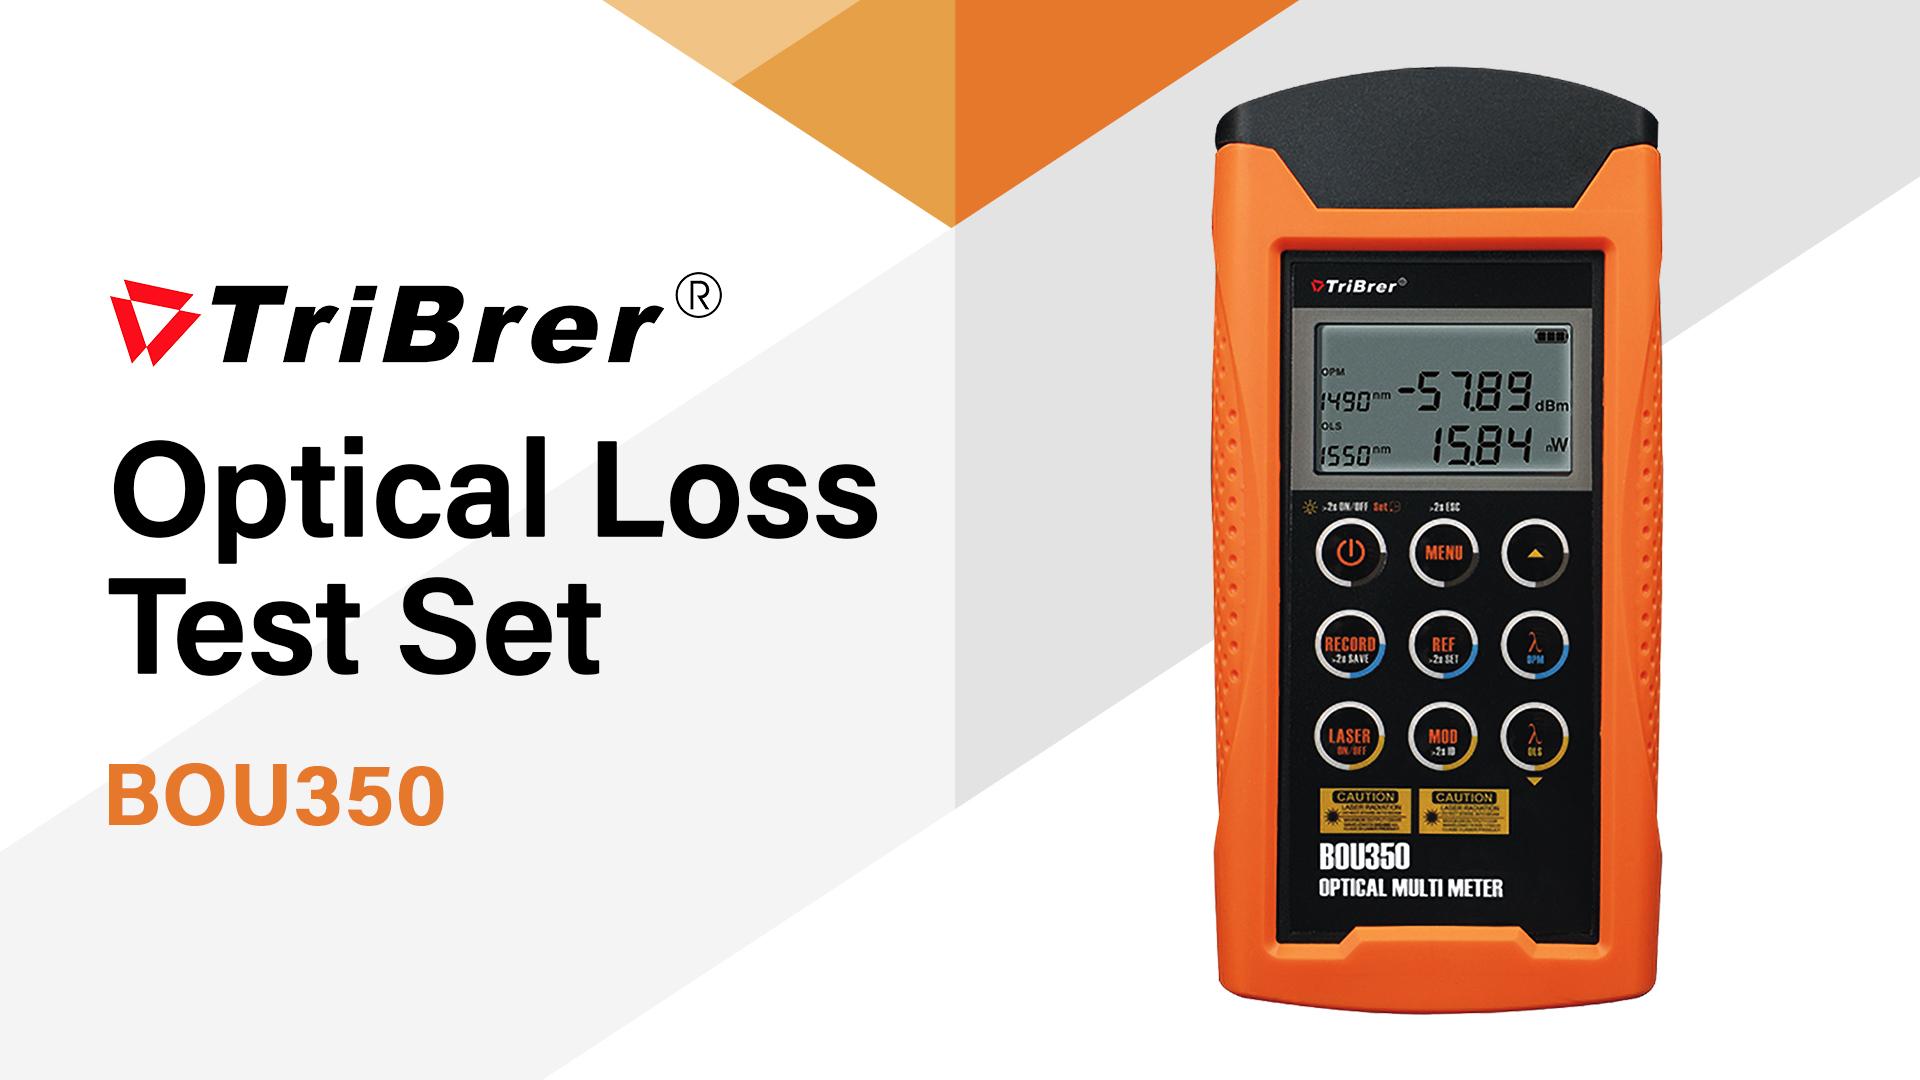 TriBrer BOU350 Optical Loss Test Set